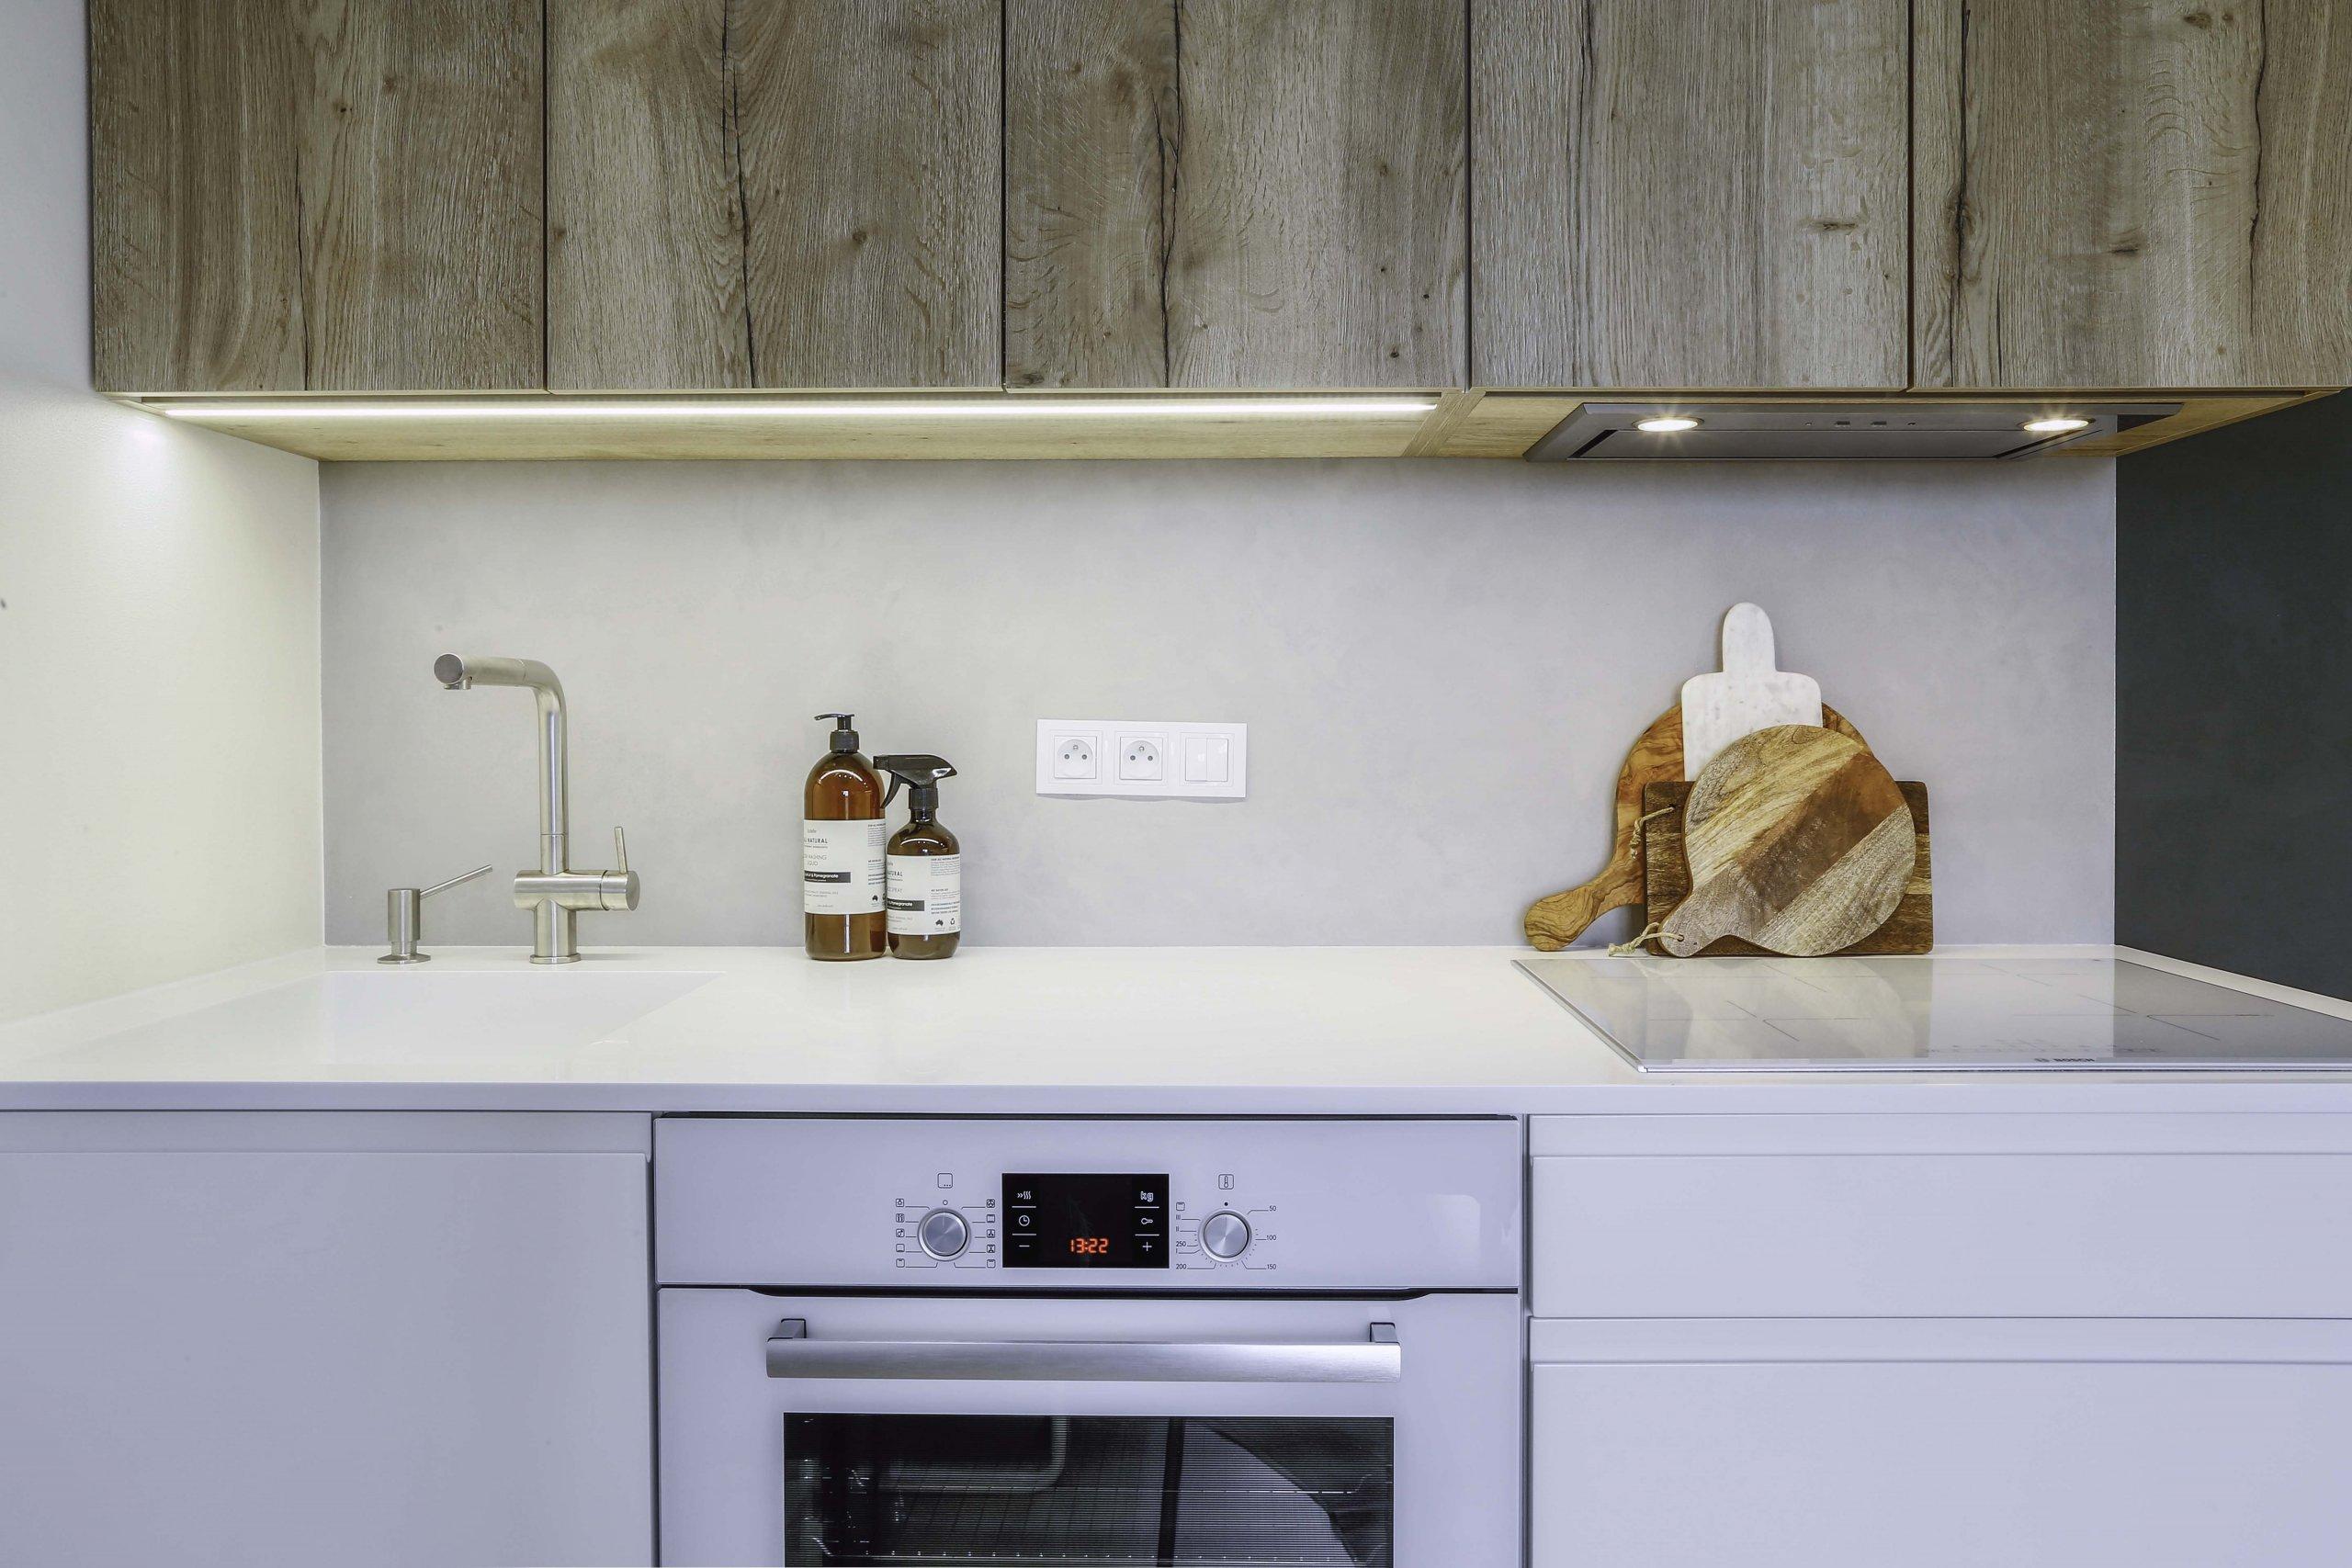 Kuchyně v malém bytě byla navržena tak, aby poskytla klientce dostatek úložných prostor nejen pro kuchyň, ale i pro další věci. Barvy i materiály byly vybrány…